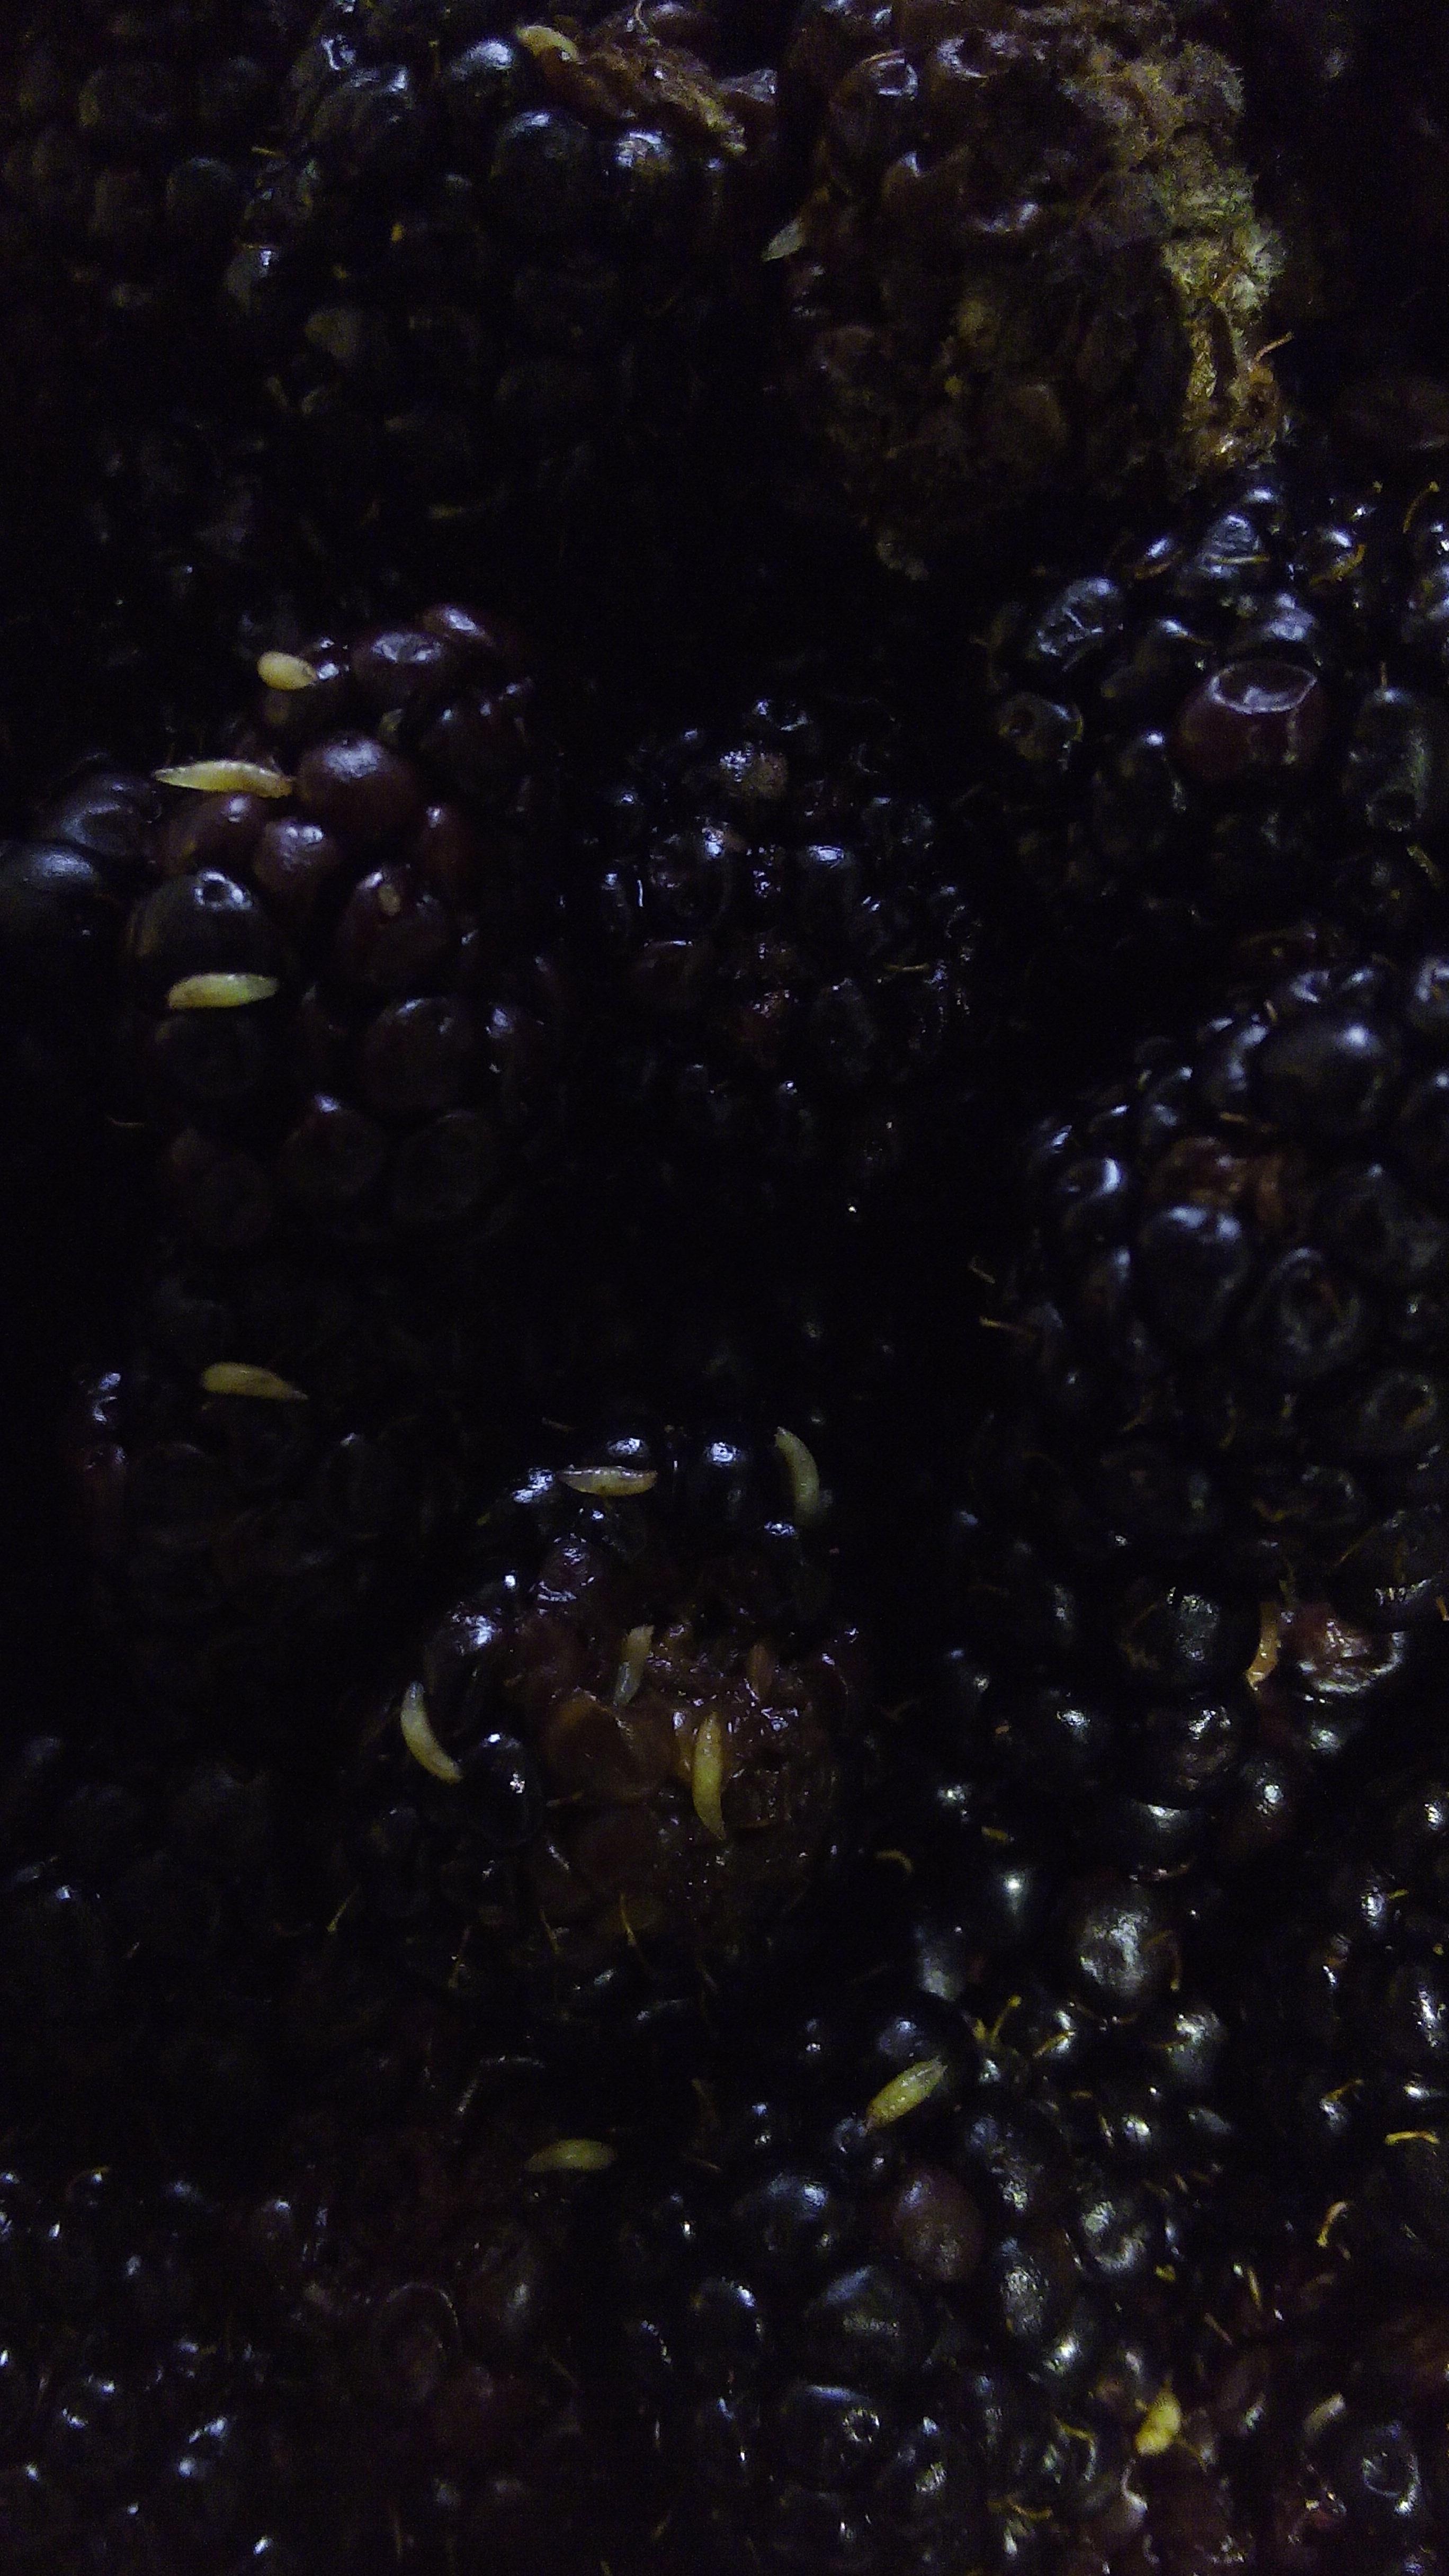 Blackberry_larvae.JPG